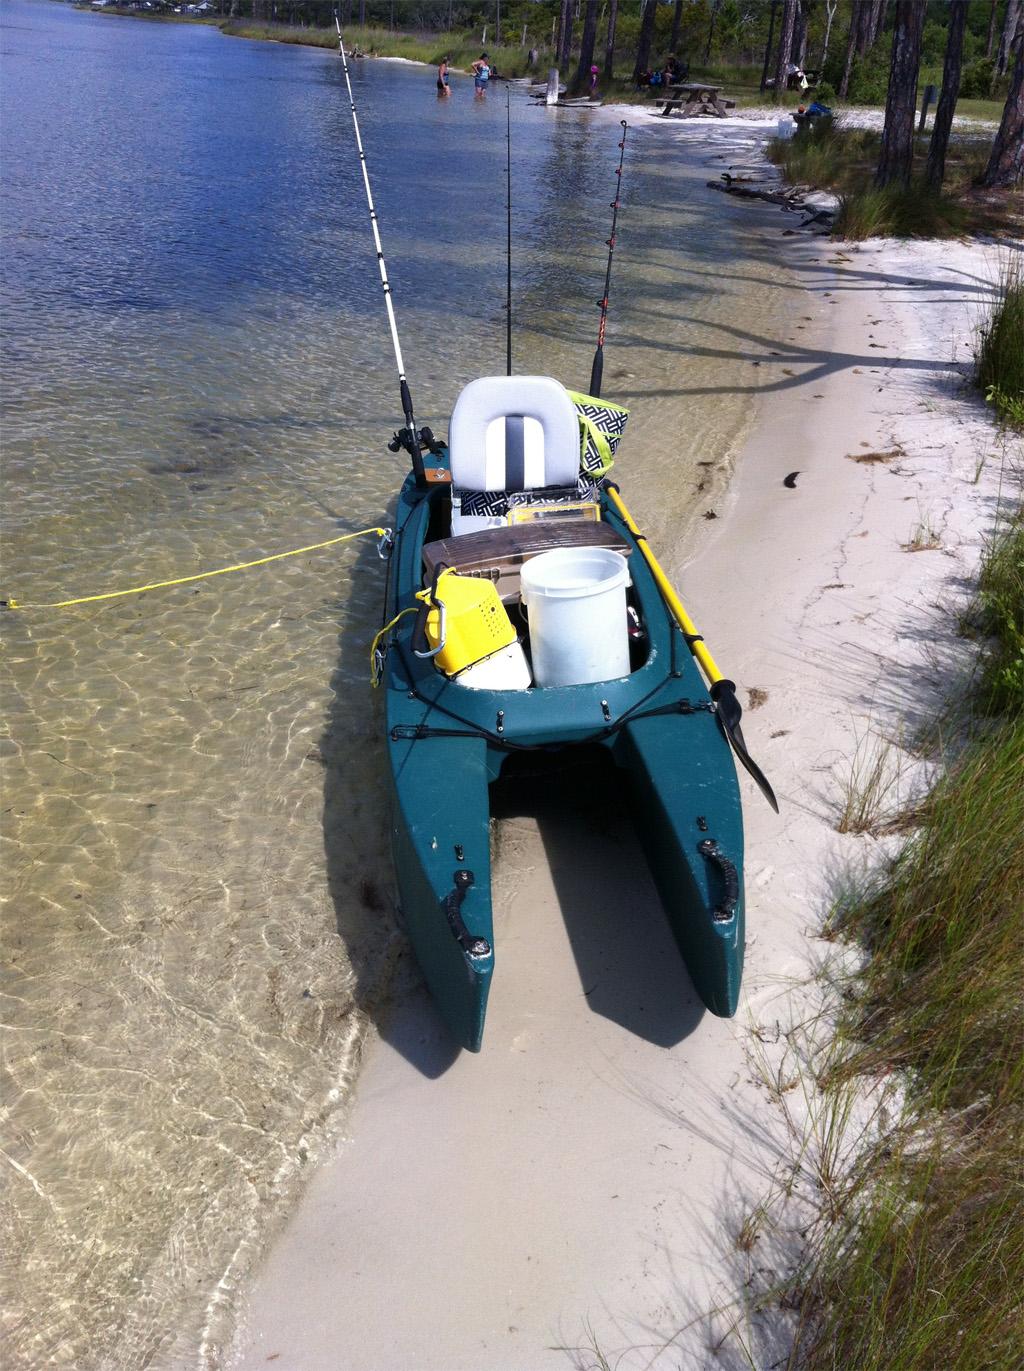 electric motor kayak utility trailer lights wiring diagram my motorized w500 fishing  wavewalk stable